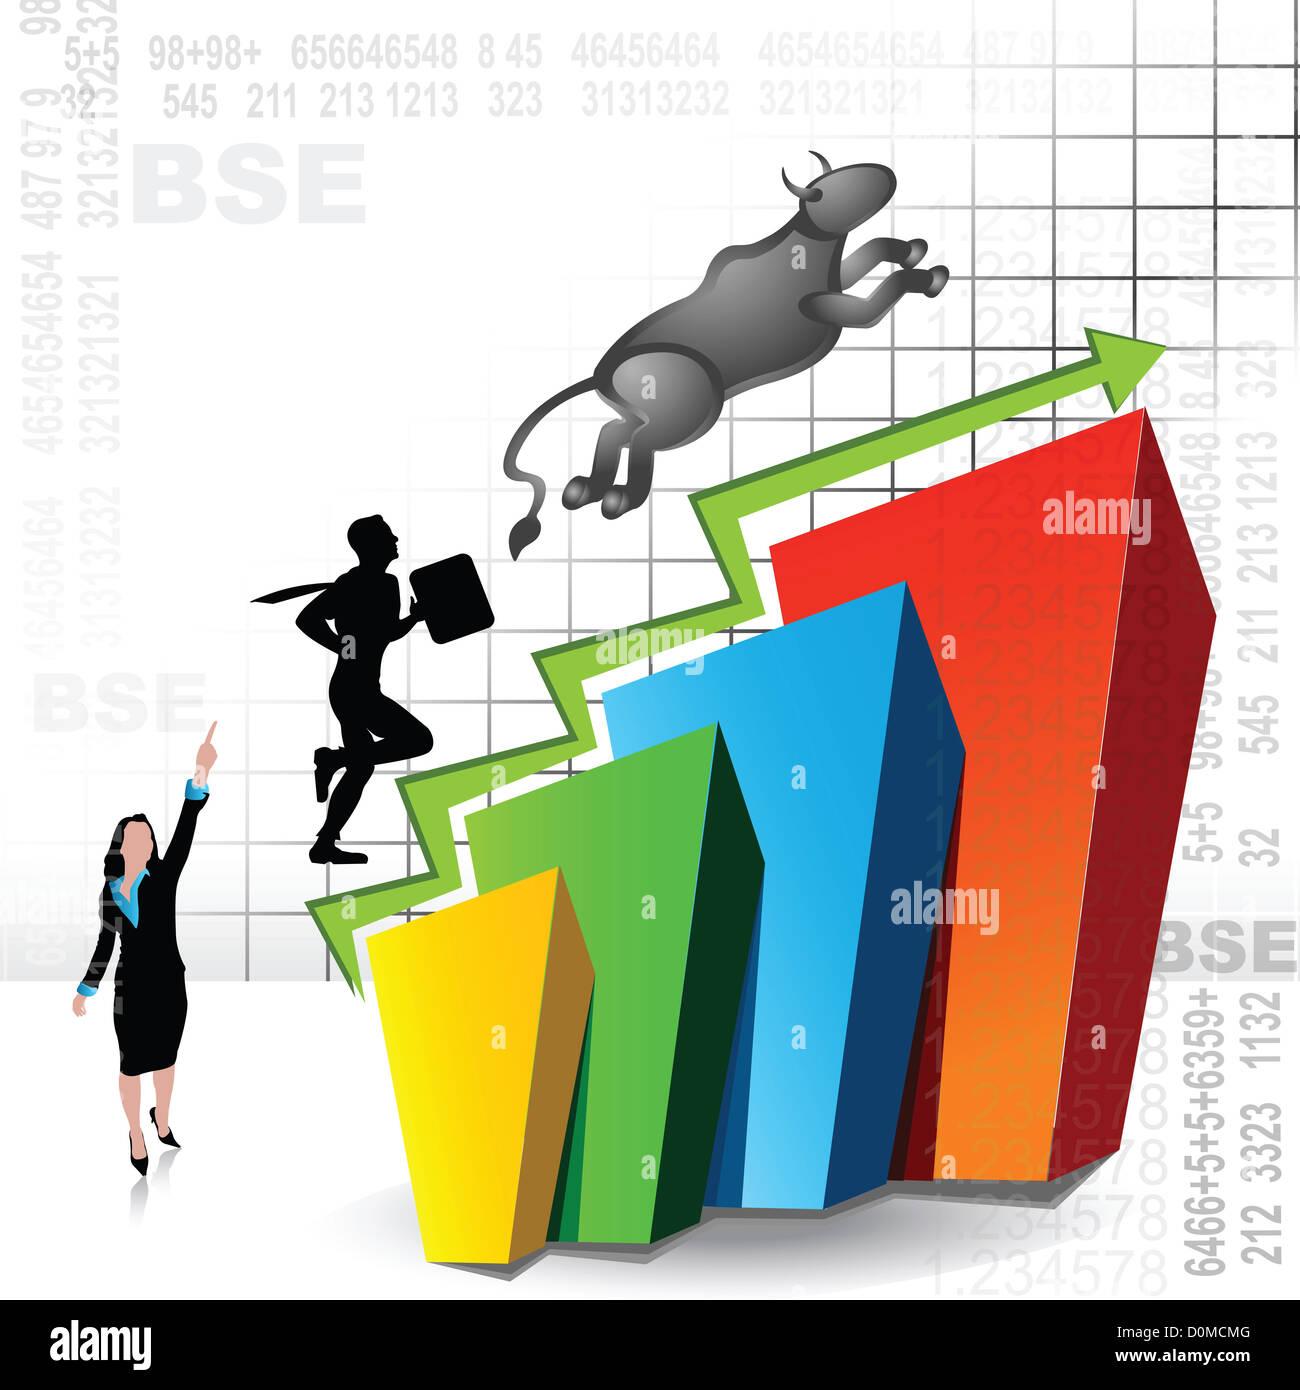 Rappresentazione illustrativa che mostra luogo nel mercato azionario Foto Stock